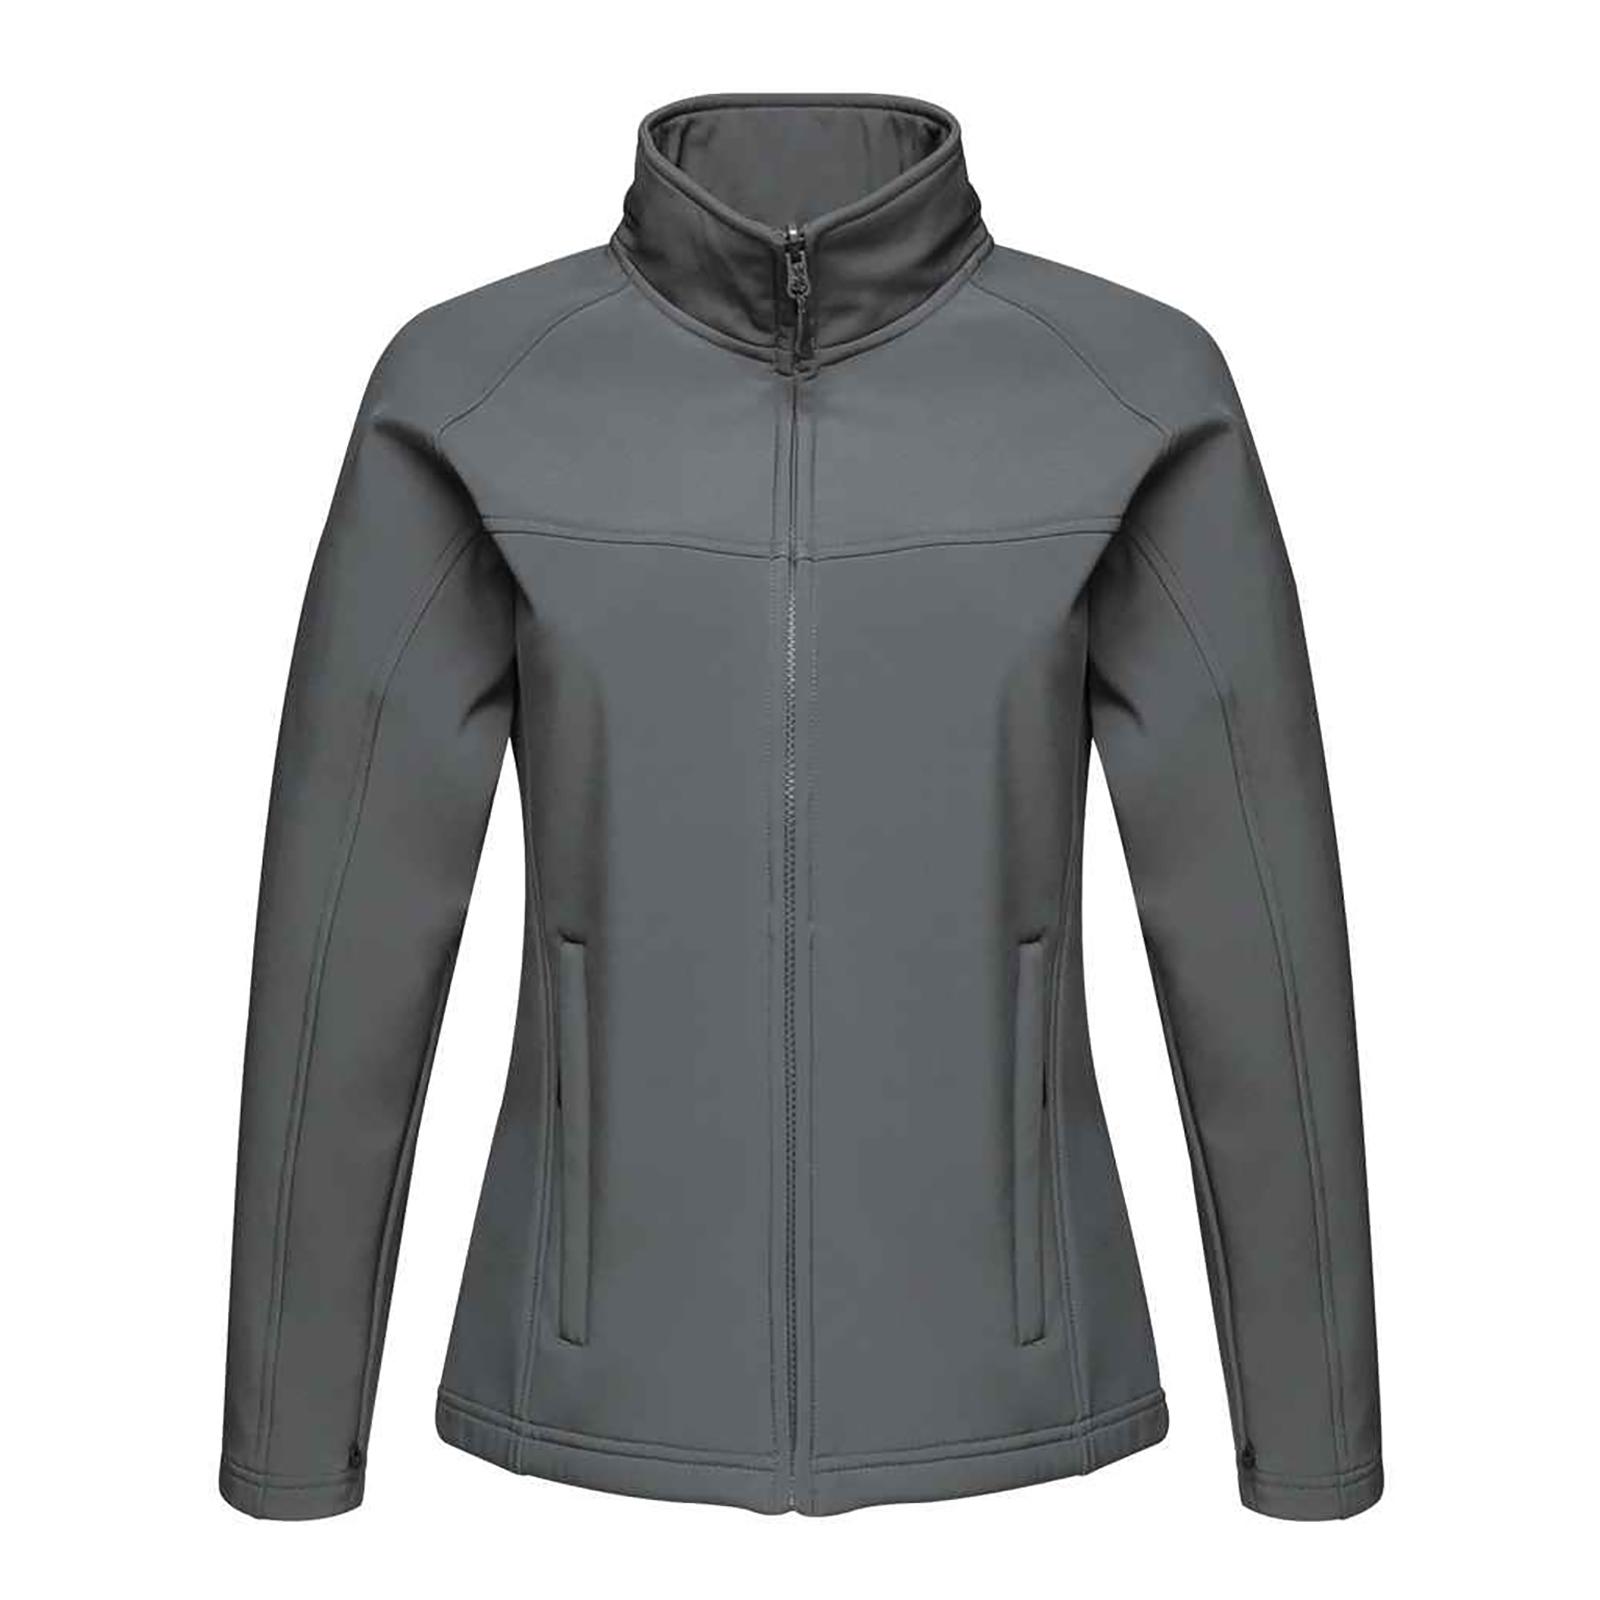 Regatta-Womens-Ladies-Uproar-Soft-Shell-Jacket-PC3300